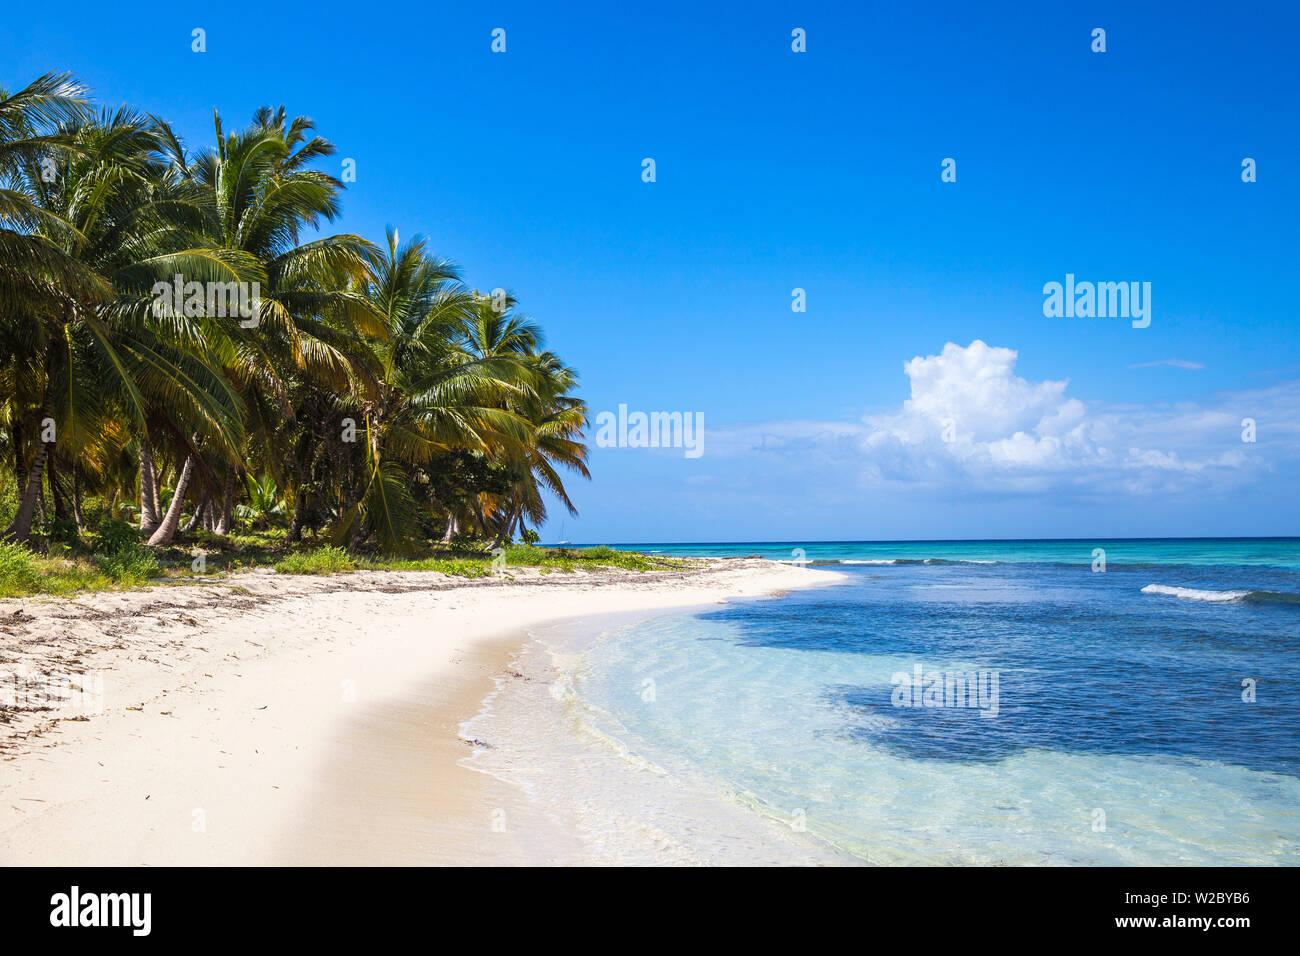 République dominicaine, Punta Cana, Parque Nacional del Este, l'île de Saona, Catuano Beach Banque D'Images